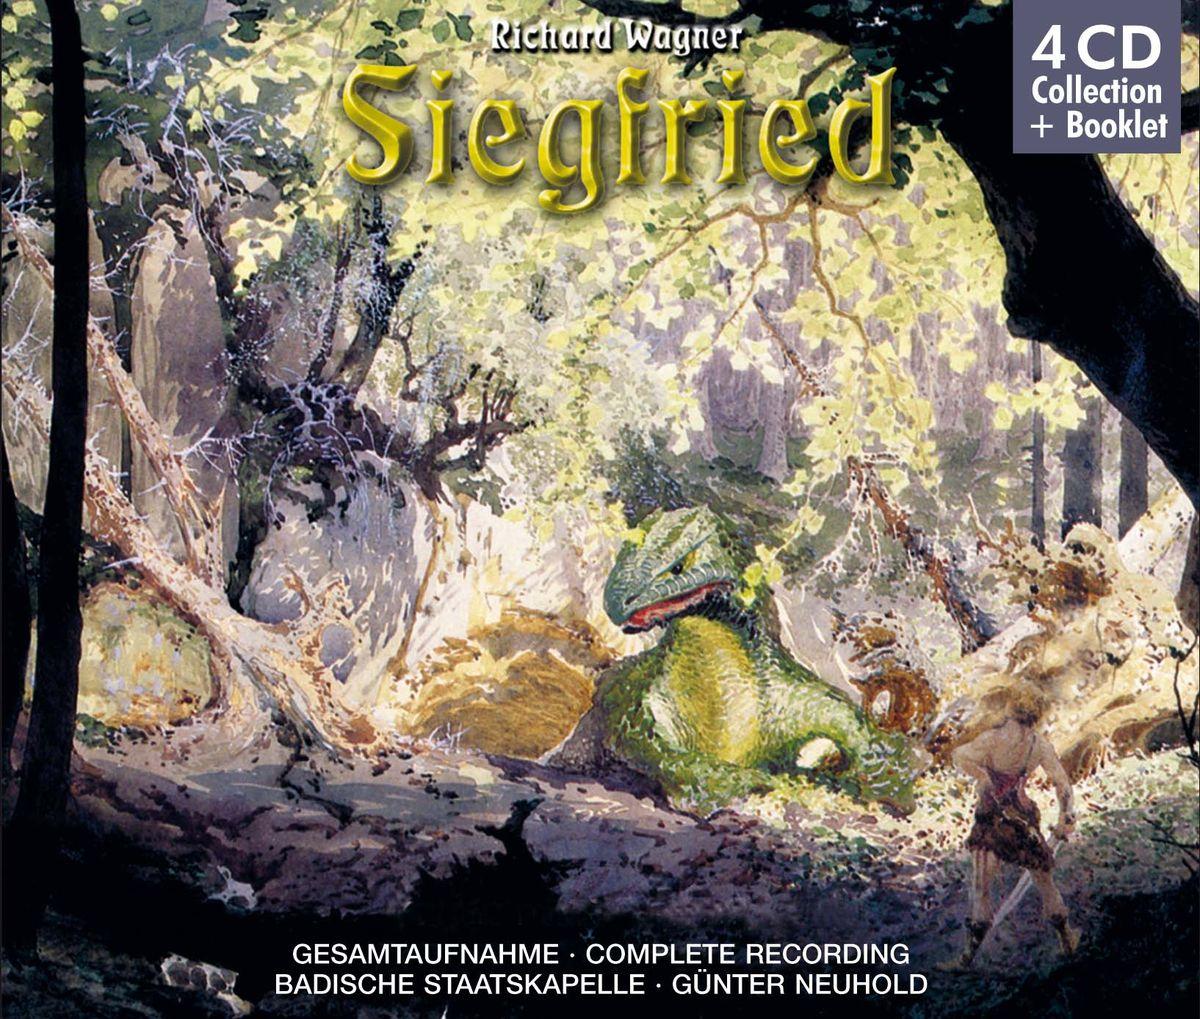 Neumann, Weinschenk, Wegner, Neuhold. Wagner: Siegfried (4 CD) richard wagner siegfried idyll